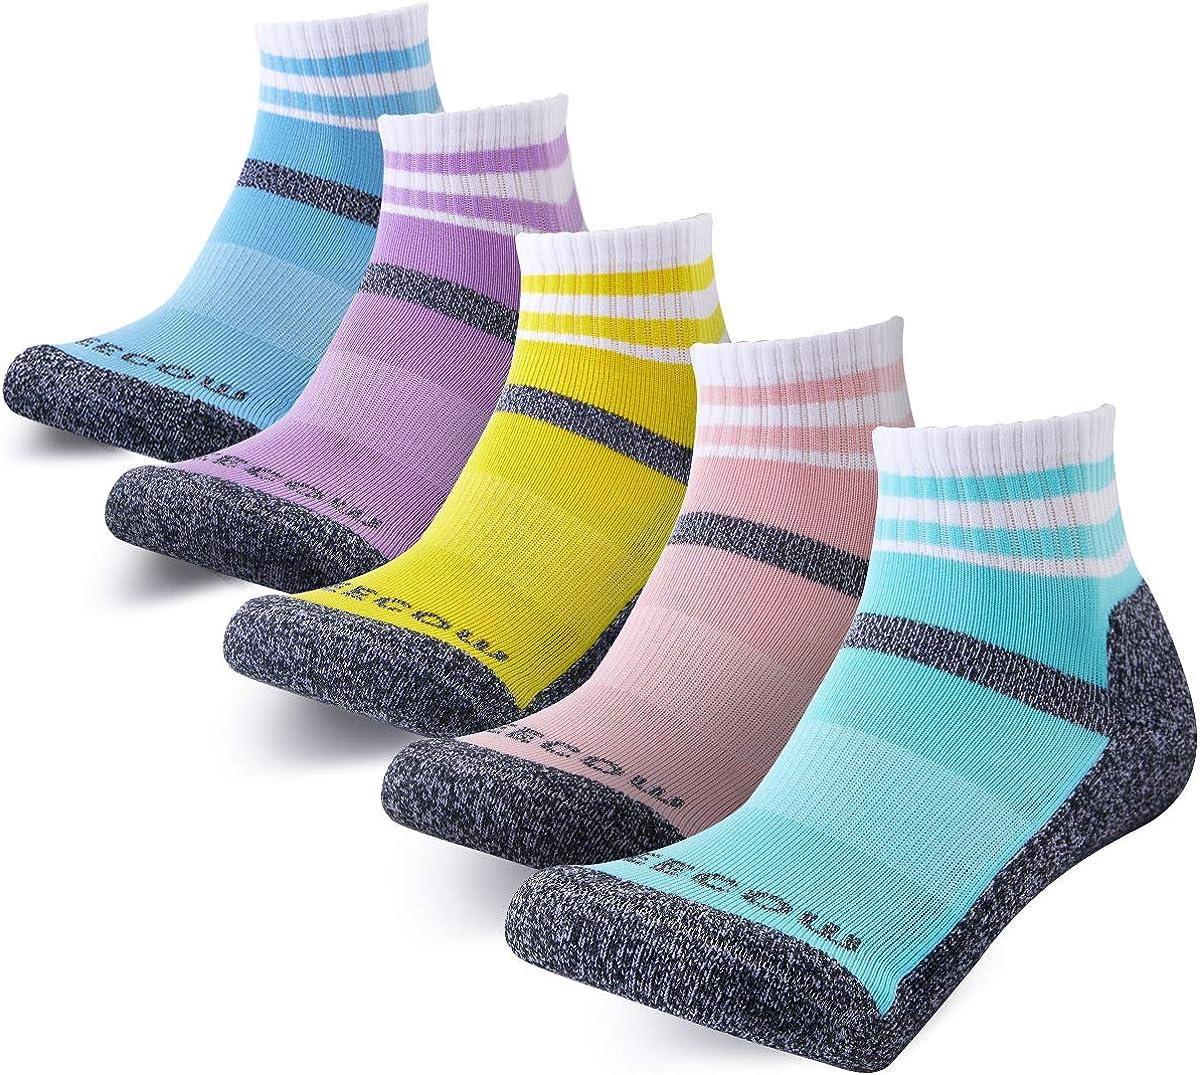 KEECOW Hiking Socks For Men & Women 5 Pairs Cushioned Moisture Control Crew Quarter Socks For Running,Work,Trekking,Walking